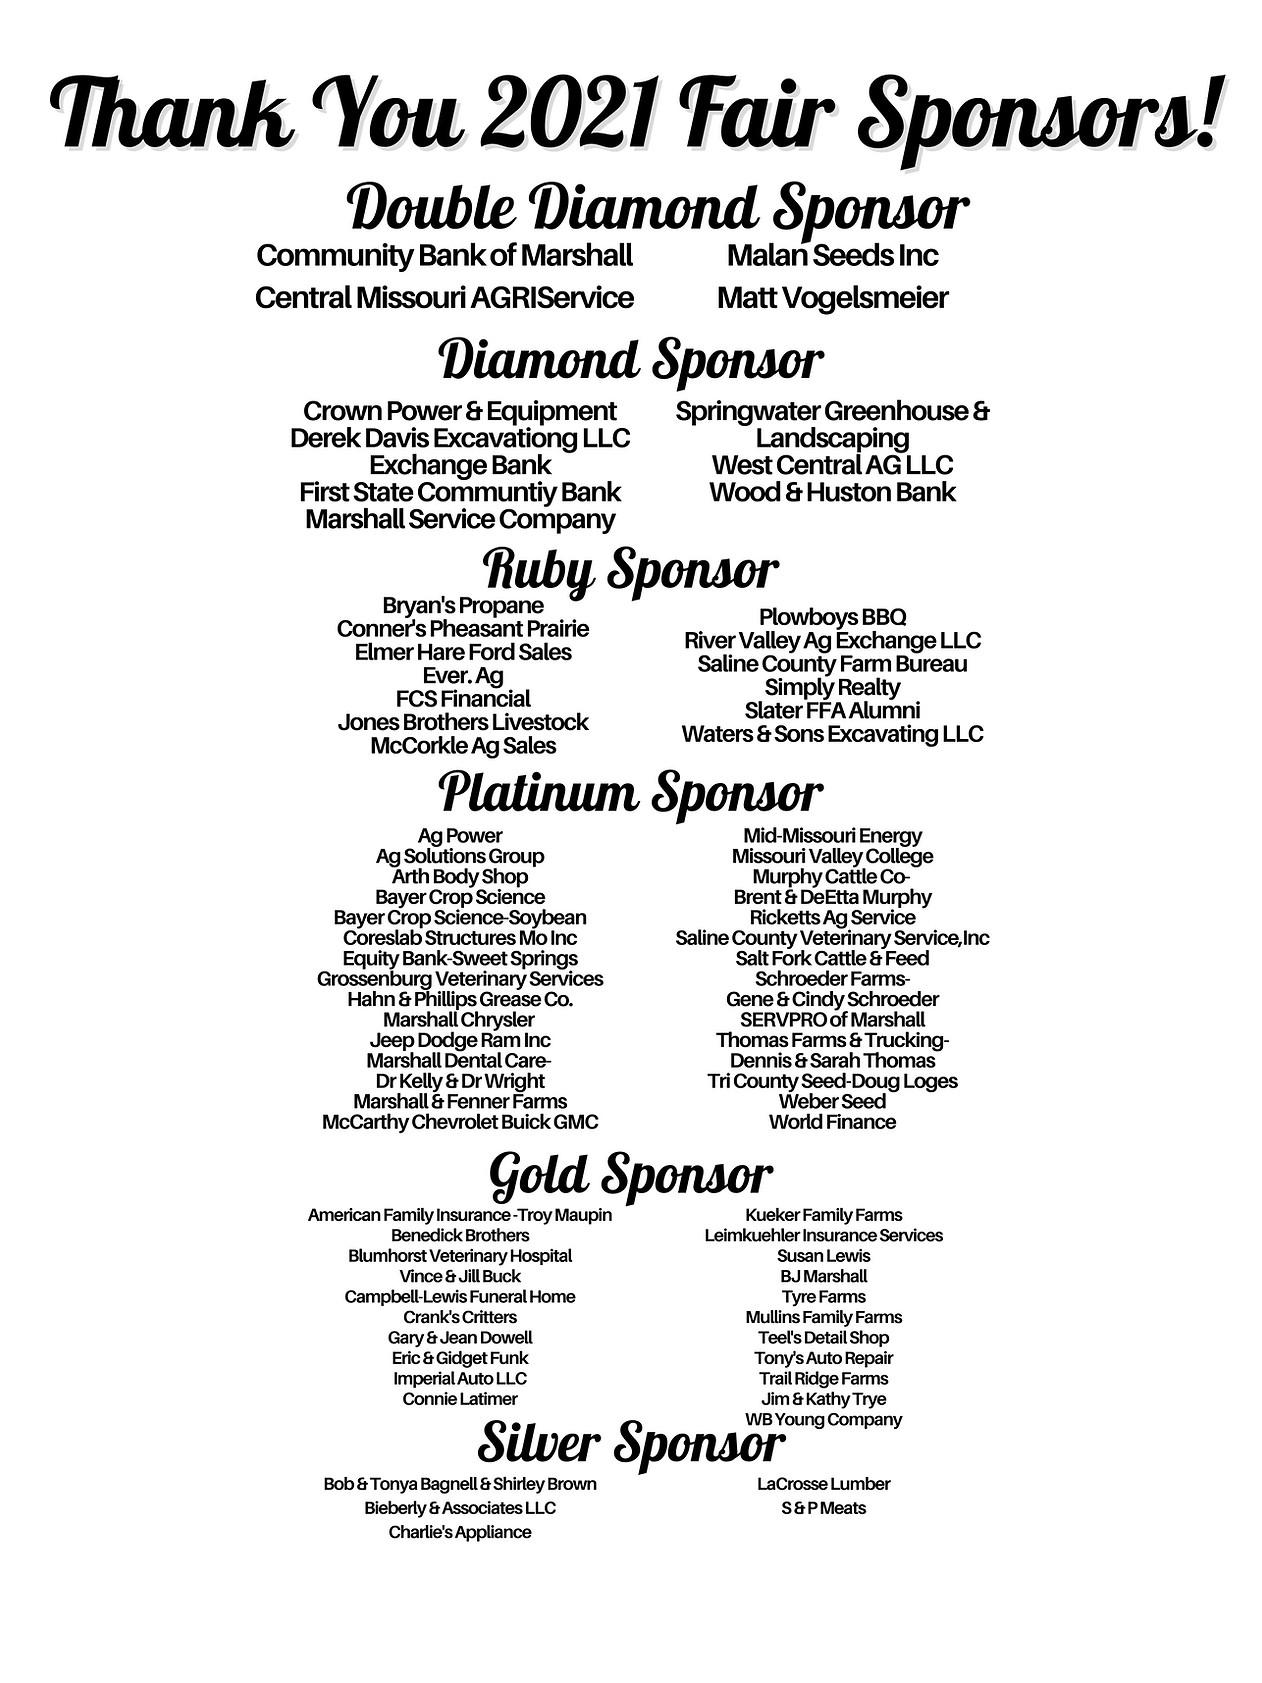 All Fair Sponsors.jpg